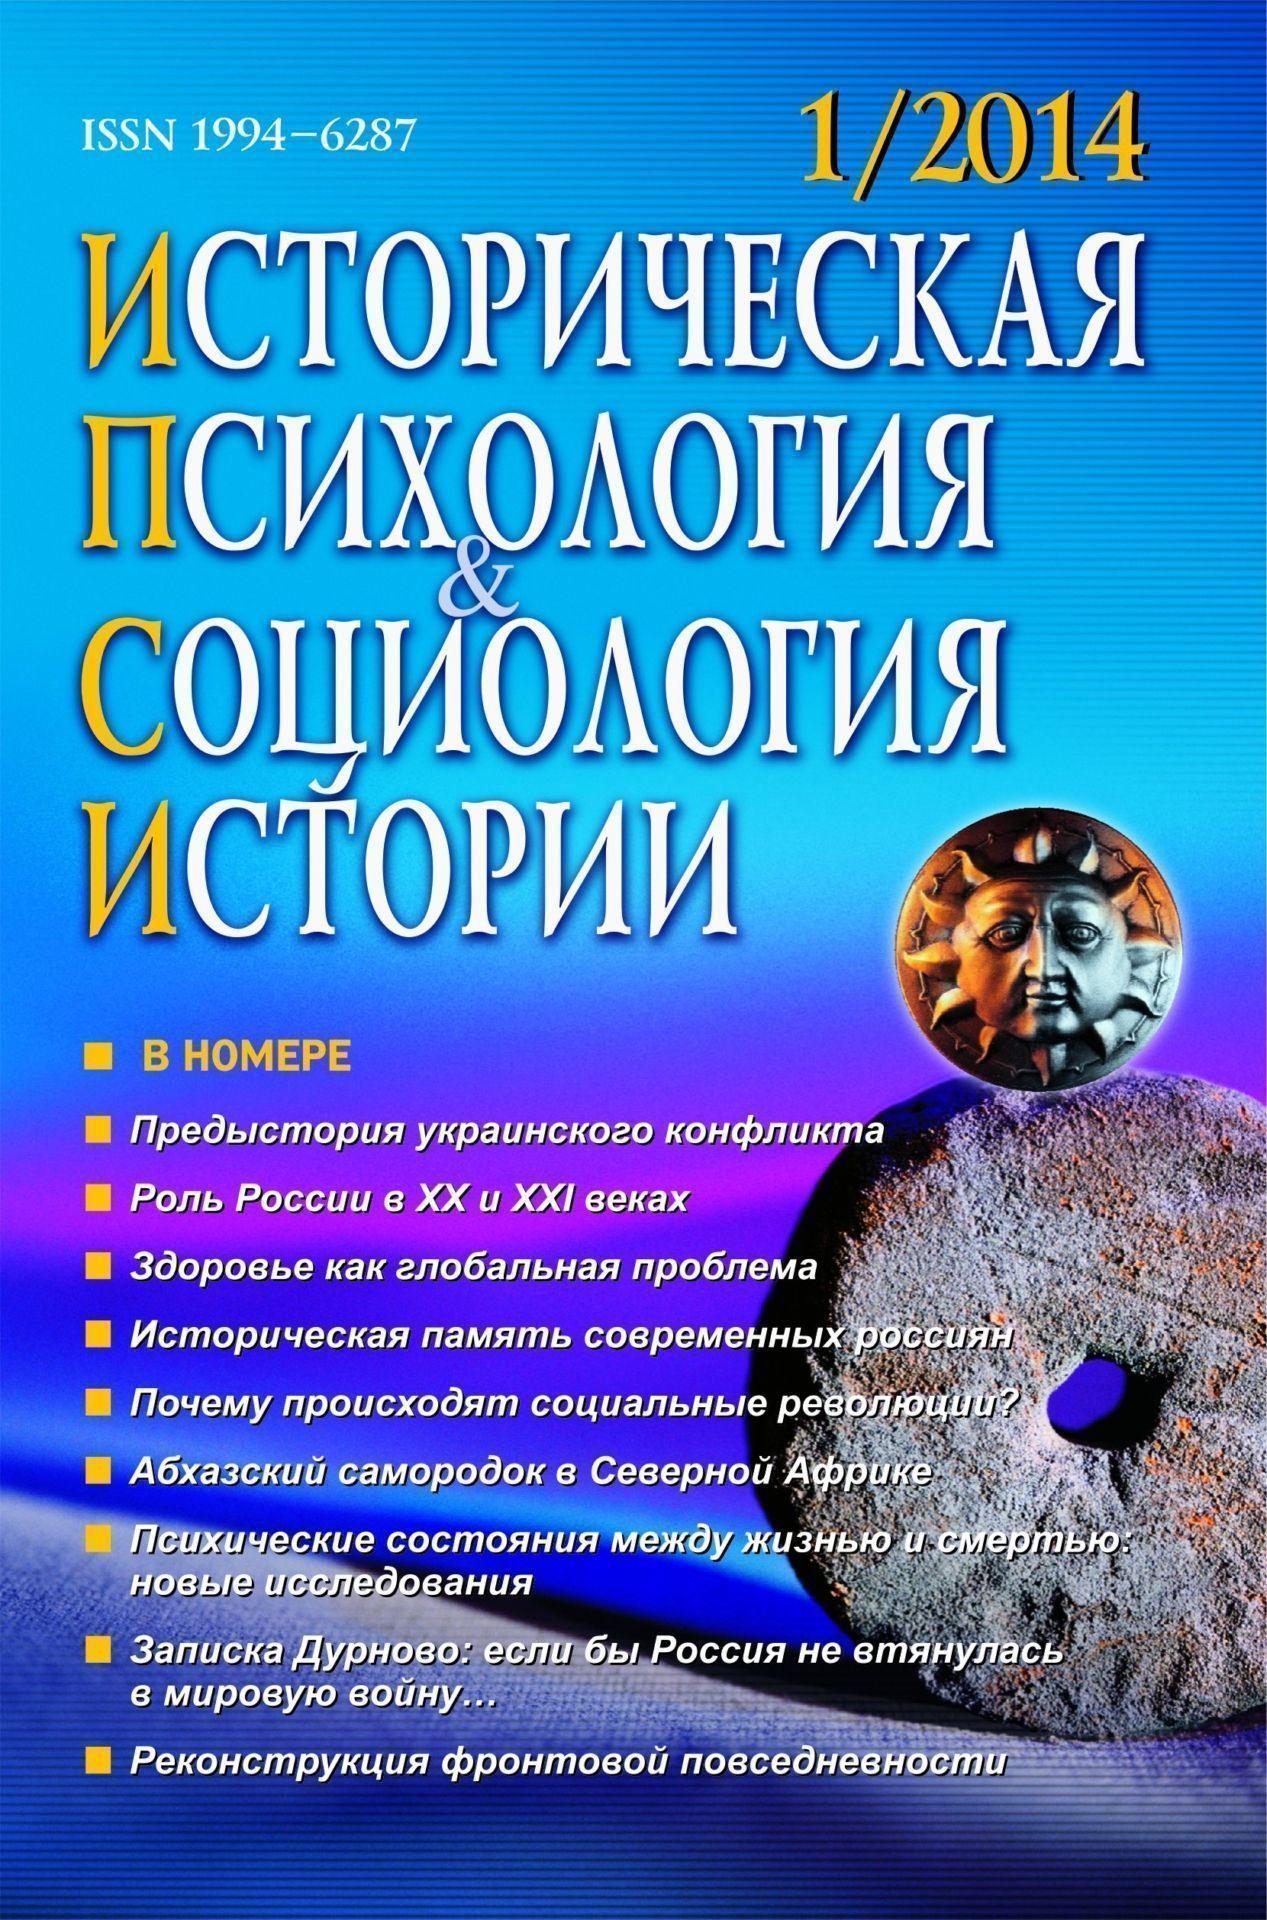 Историческая психология и социология истории. № 1, 2014 г. Научно-теоретический журнал